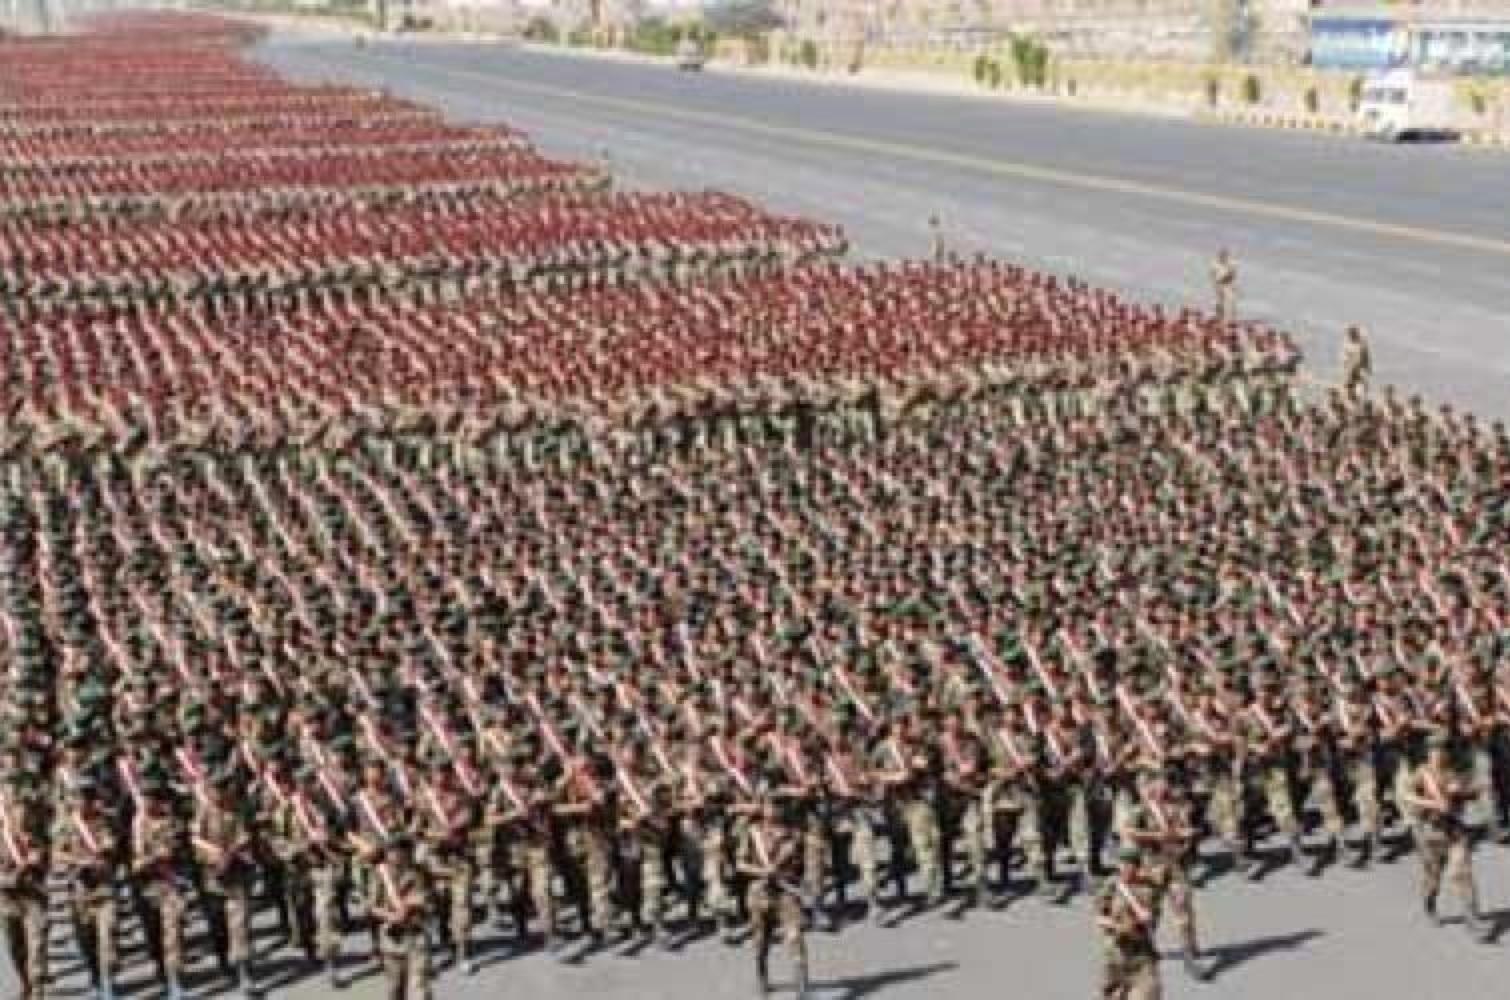 بالصور اقوي جيش في العالم , قائمة باقوي الجيوش في العالم 2968 4